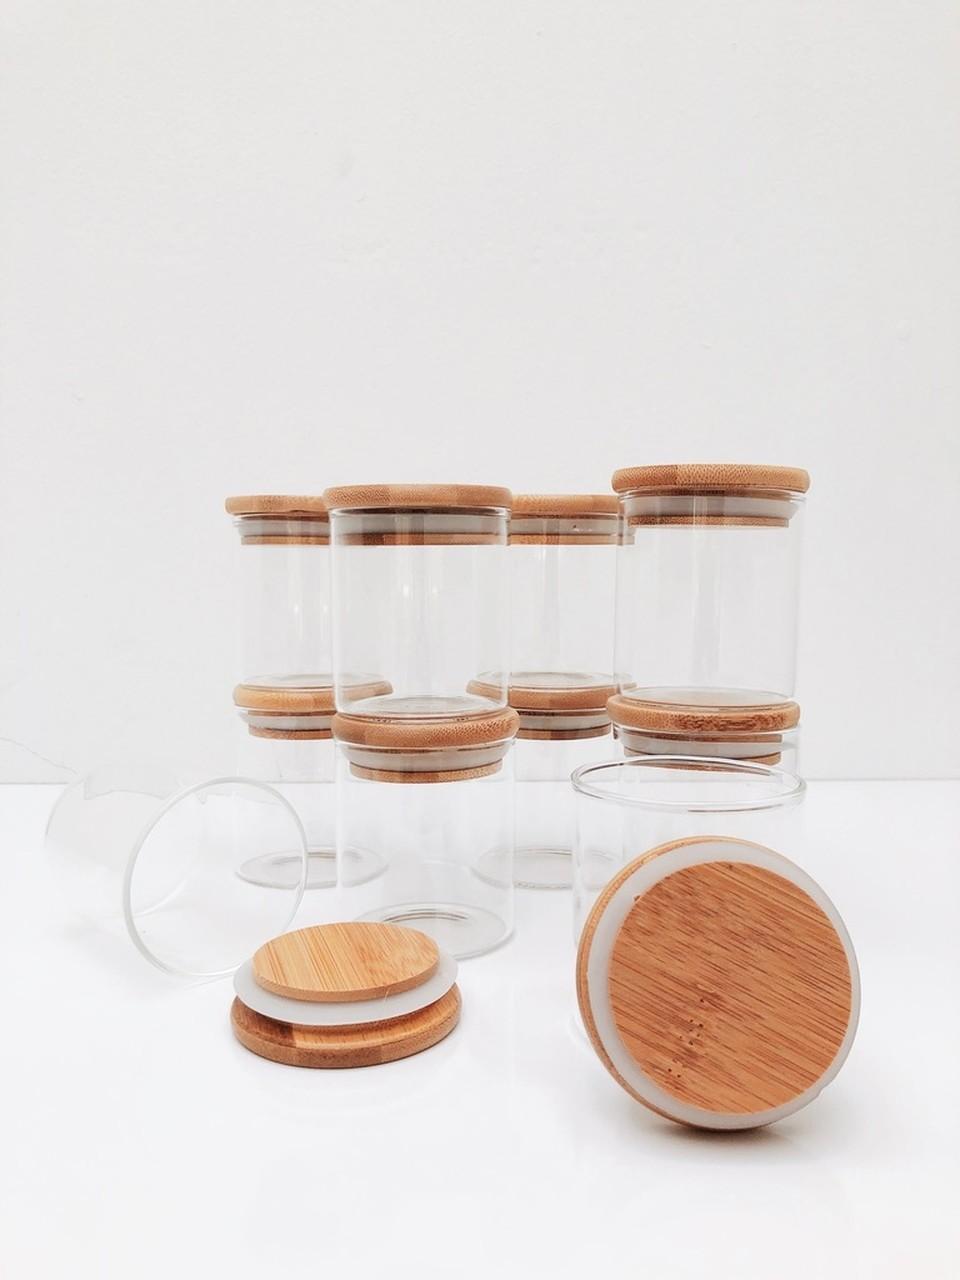 Kit Pote de Vidro com Tampa de Bambu 200ml - 10 Peças  - CASACOBRE